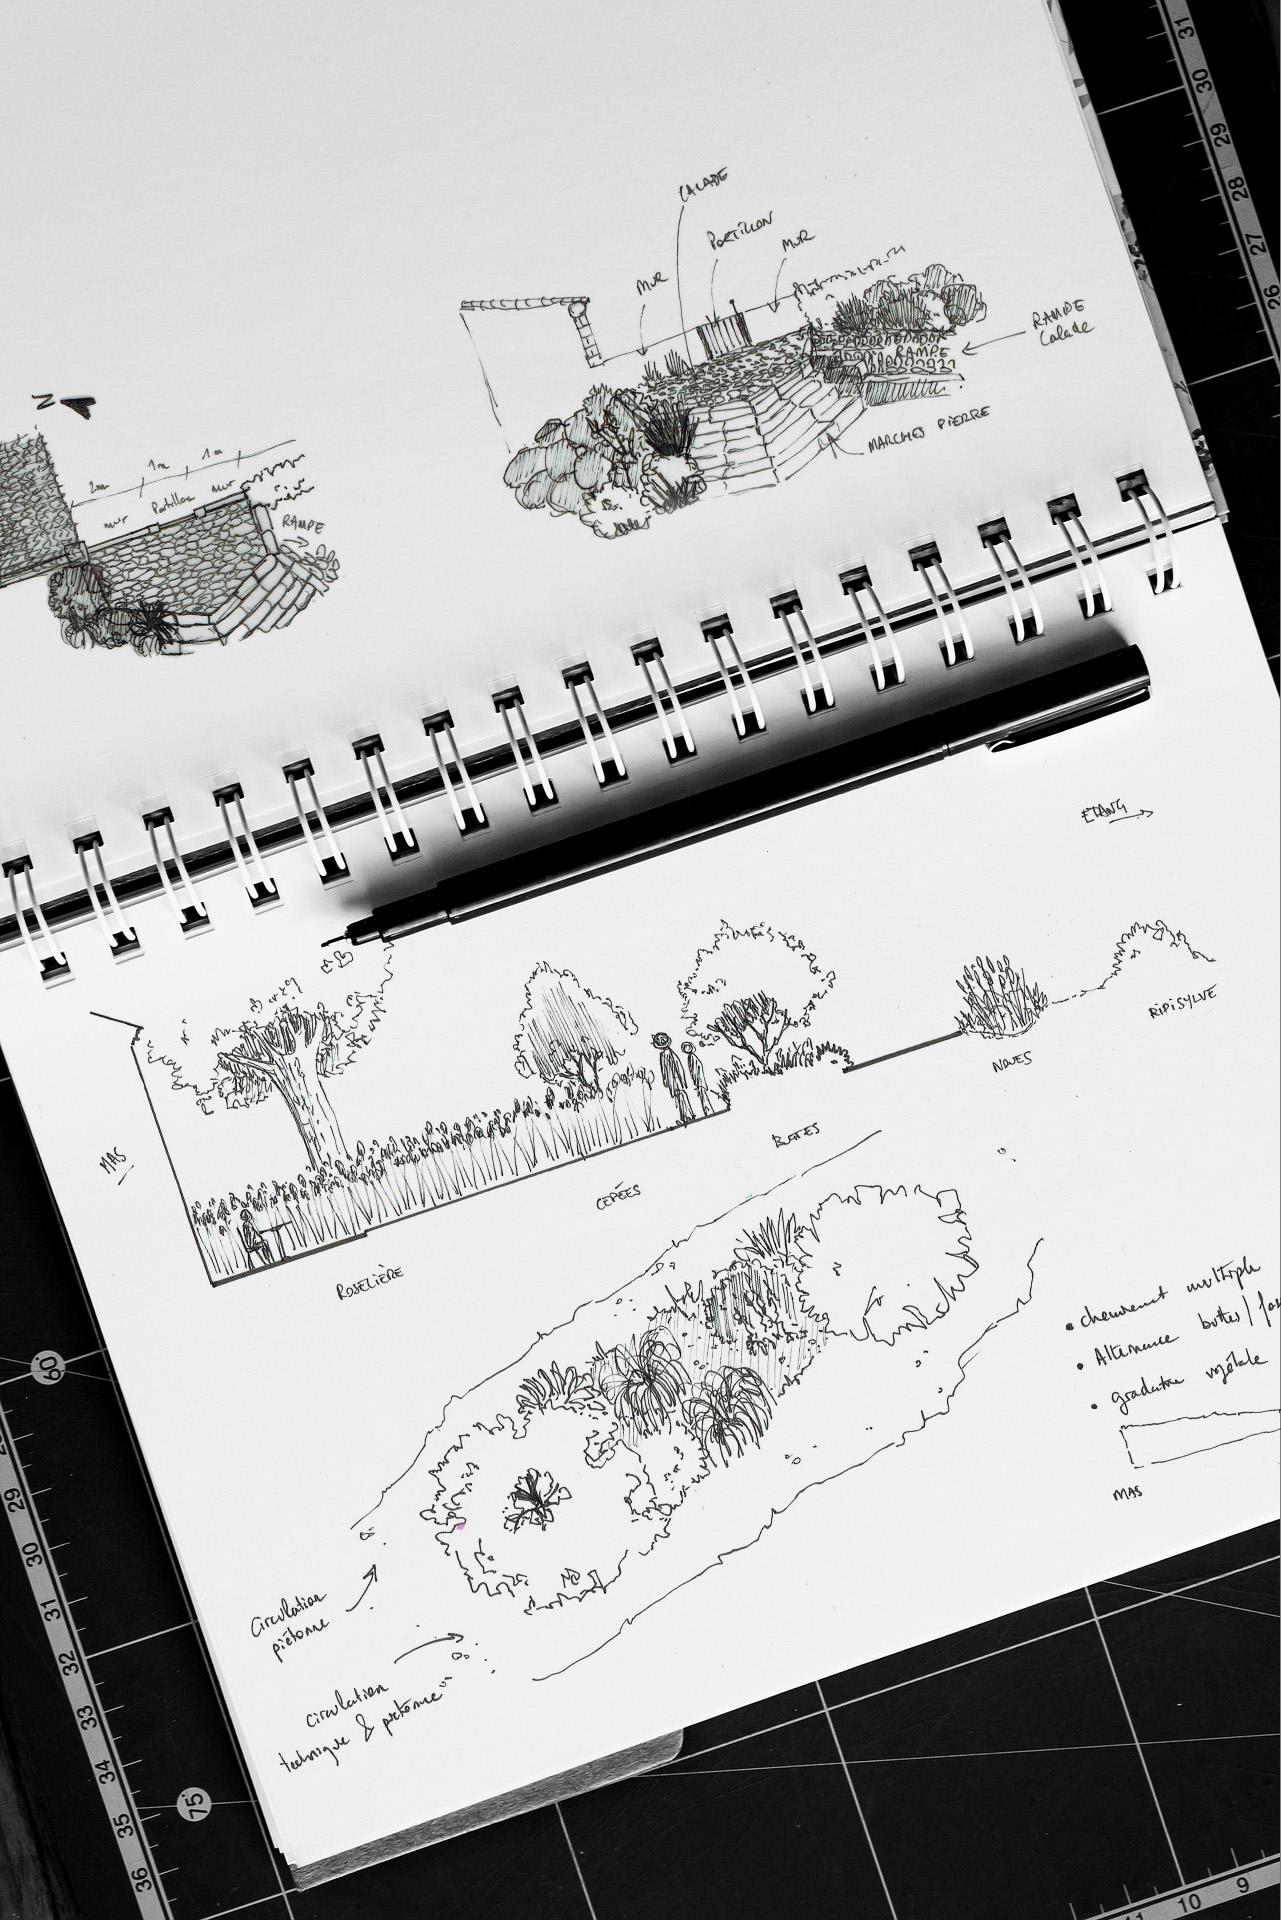 https://www.vincent-grunewald.fr/wp-content/uploads/2021/04/notebook-1587527_1920.jpg